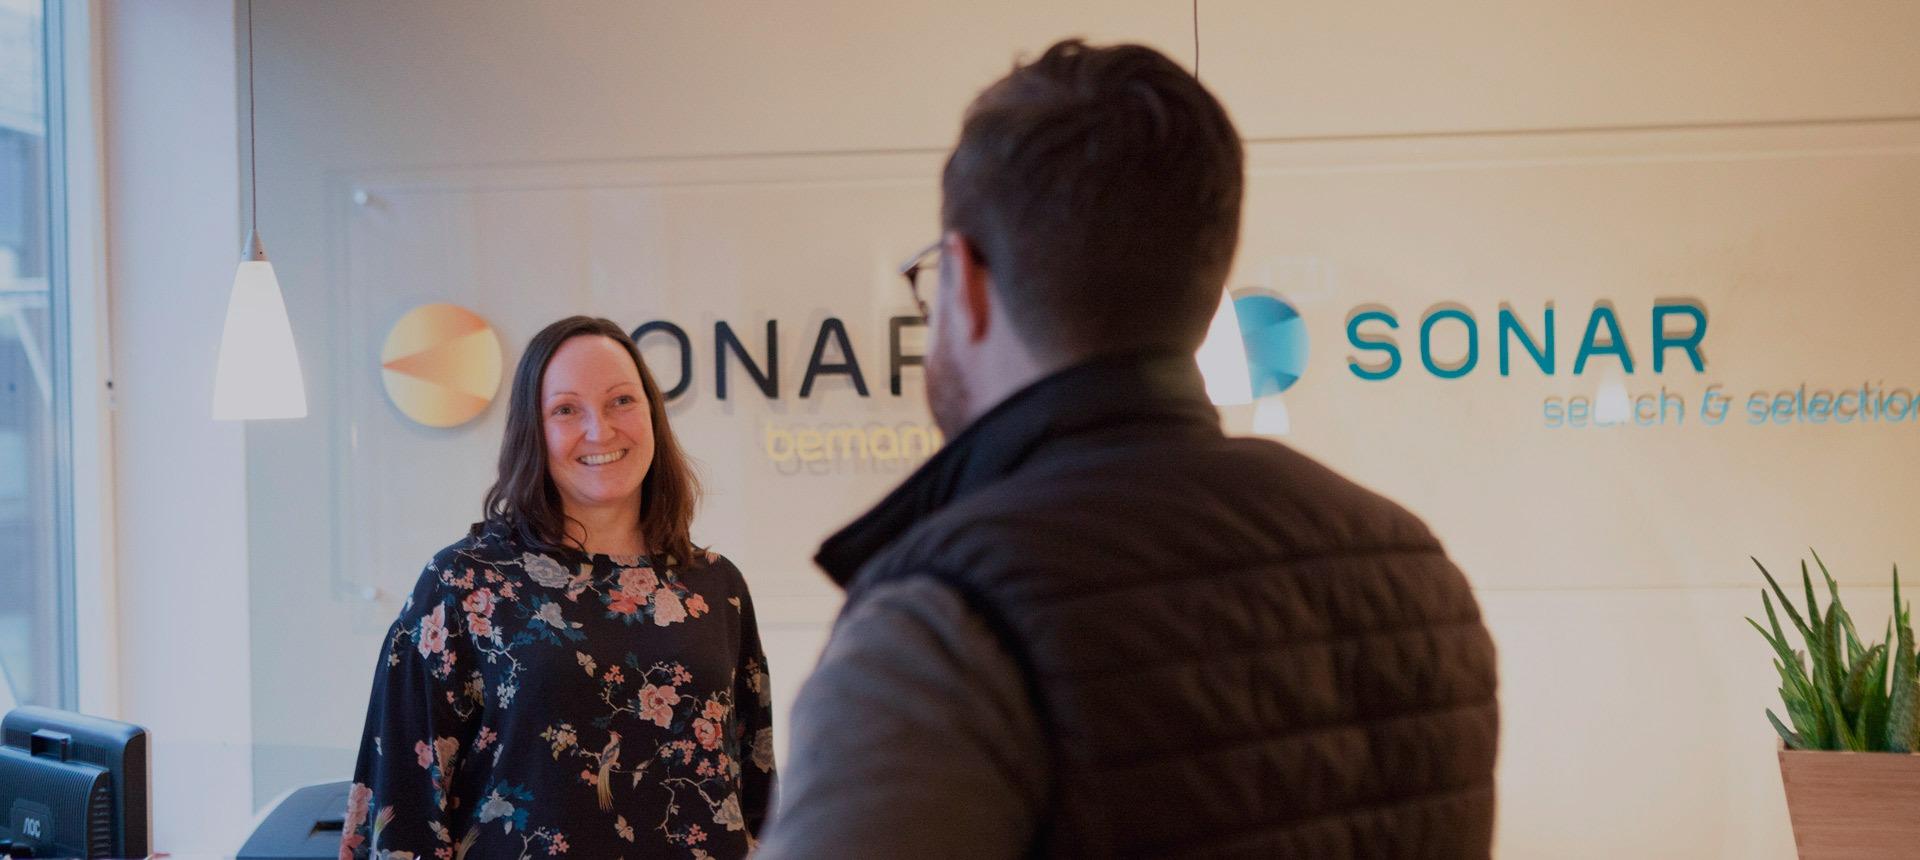 Bilde av en smilende kvinne i blomstrete genser. Hun kikker mot en mann som har ryggen til kameraet. I bakgrunnen skimtes logoen til Sonar Bemanning på veggen.